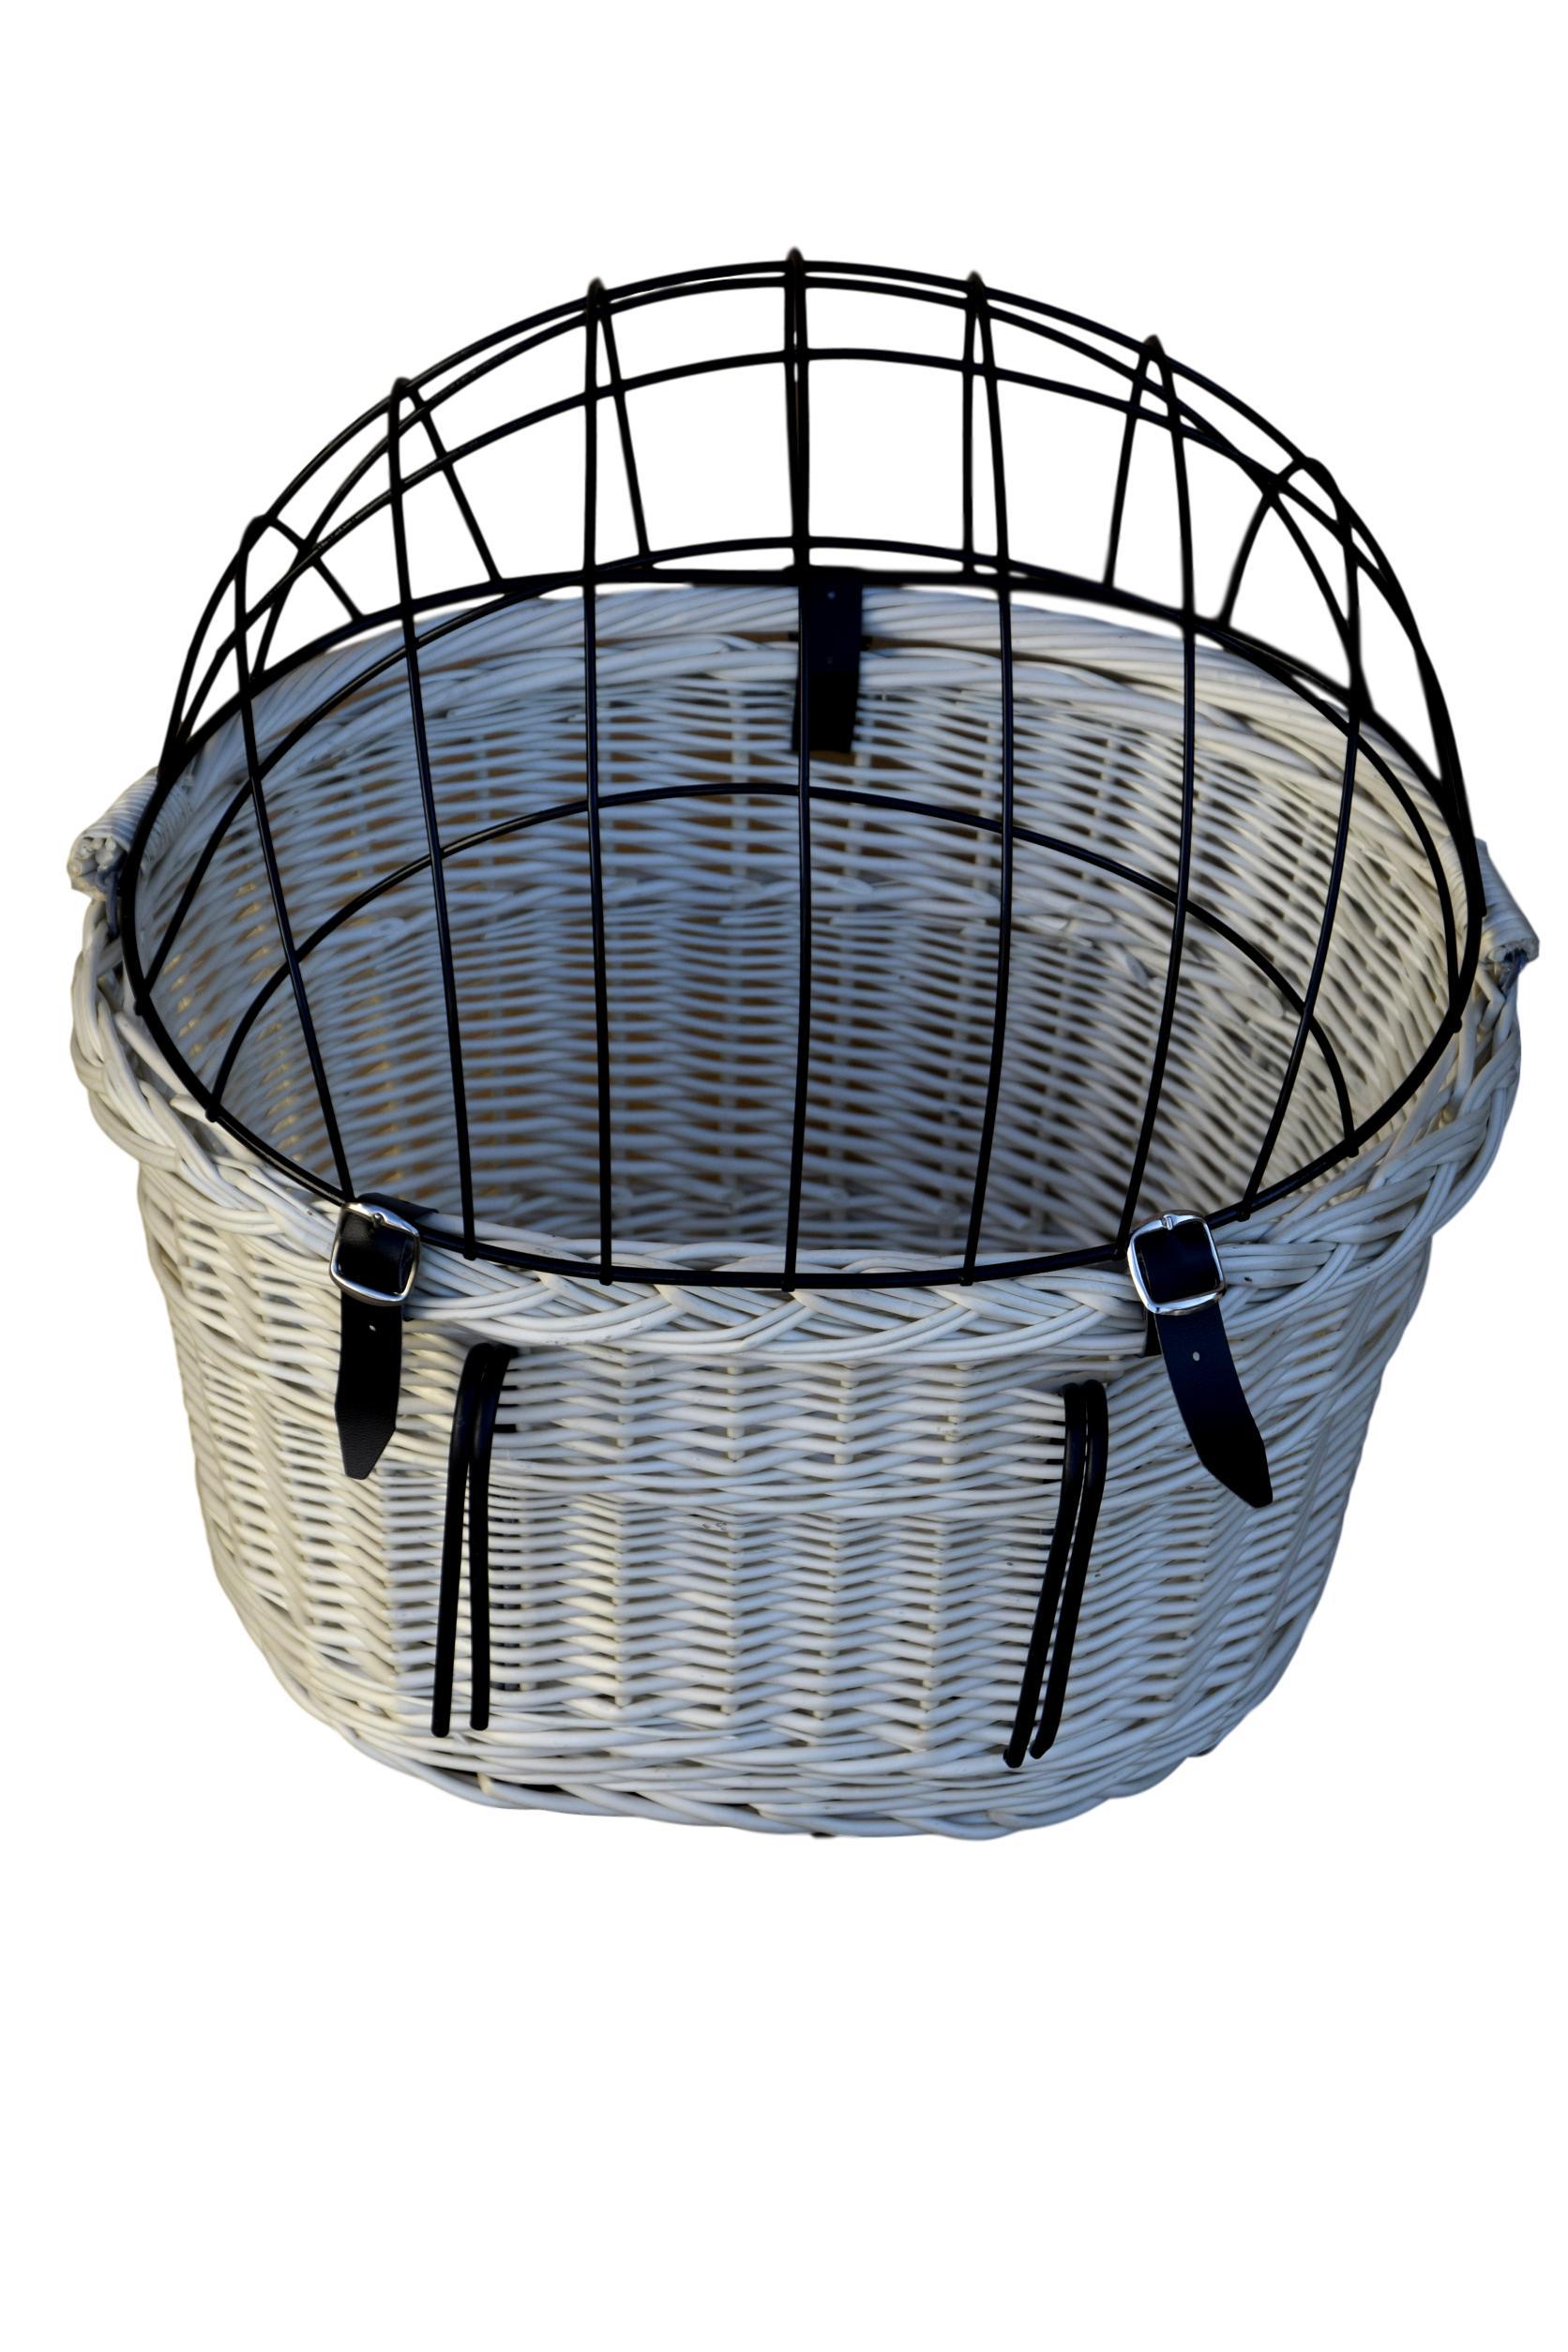 Wiklinowy koszyk na ROWER DUŻY dla kota psa